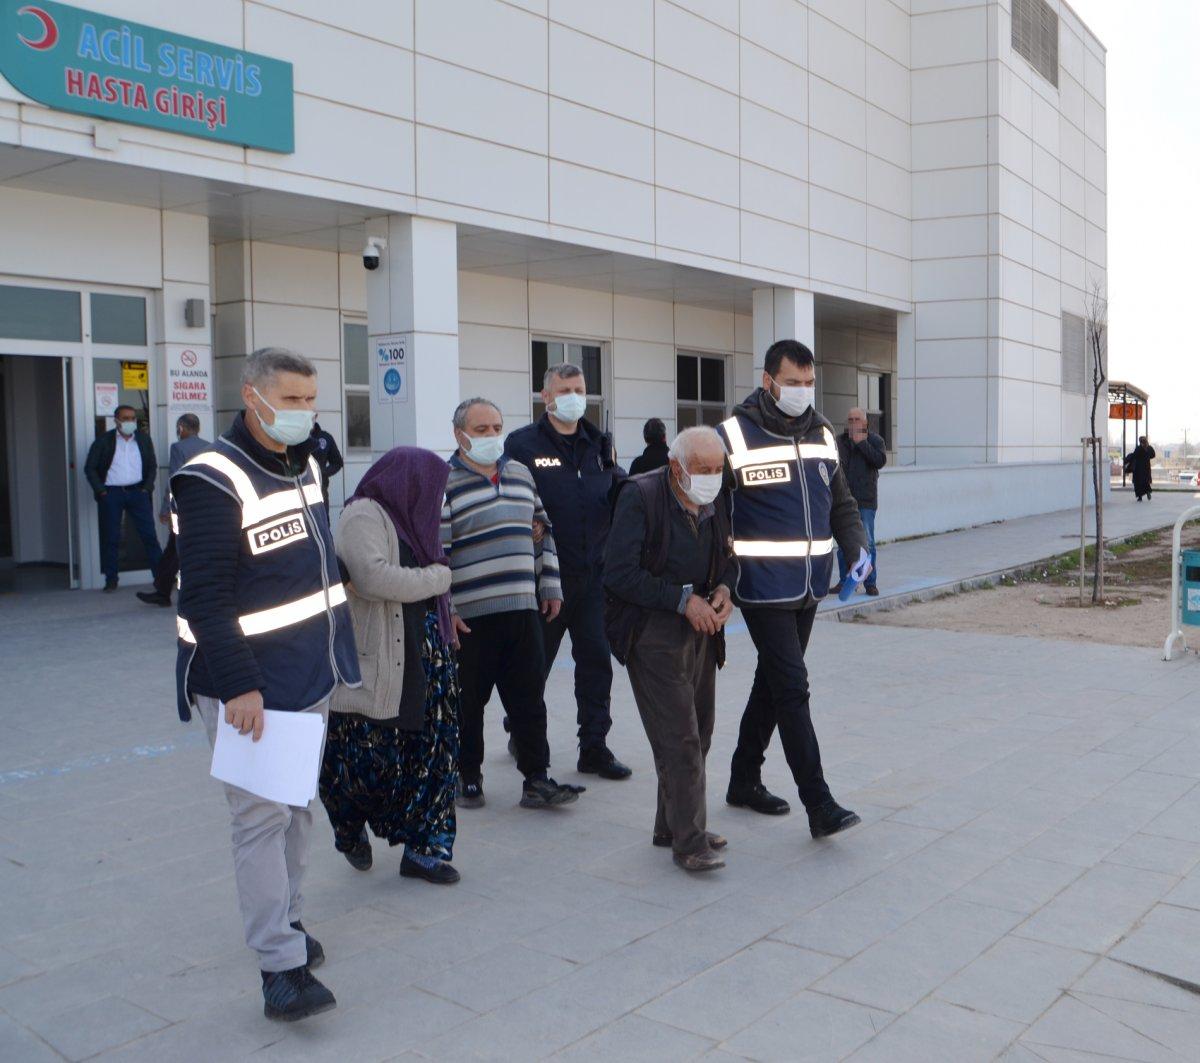 Aksaray daki miras kavgasında gelinin 4 bıçak darbesi aldığı tespit edildi #2